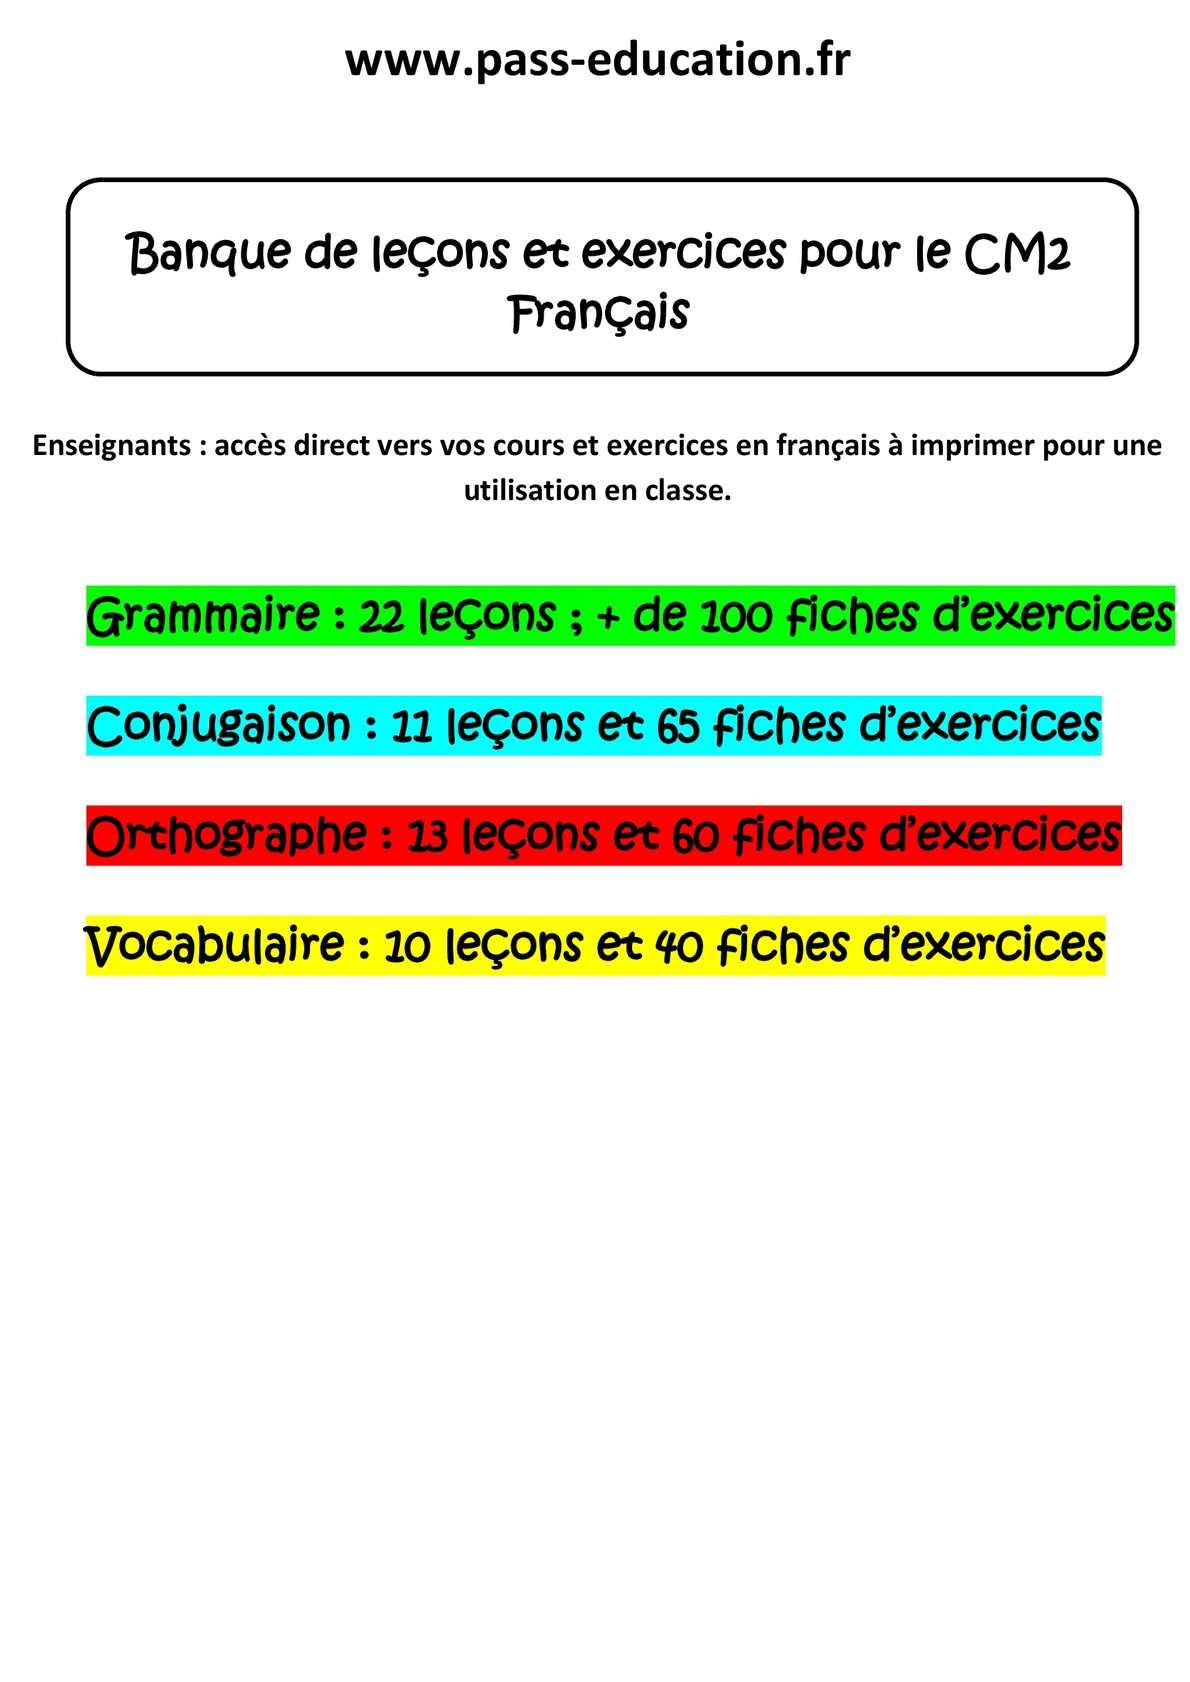 Calaméo - Grammaire exercices cm2